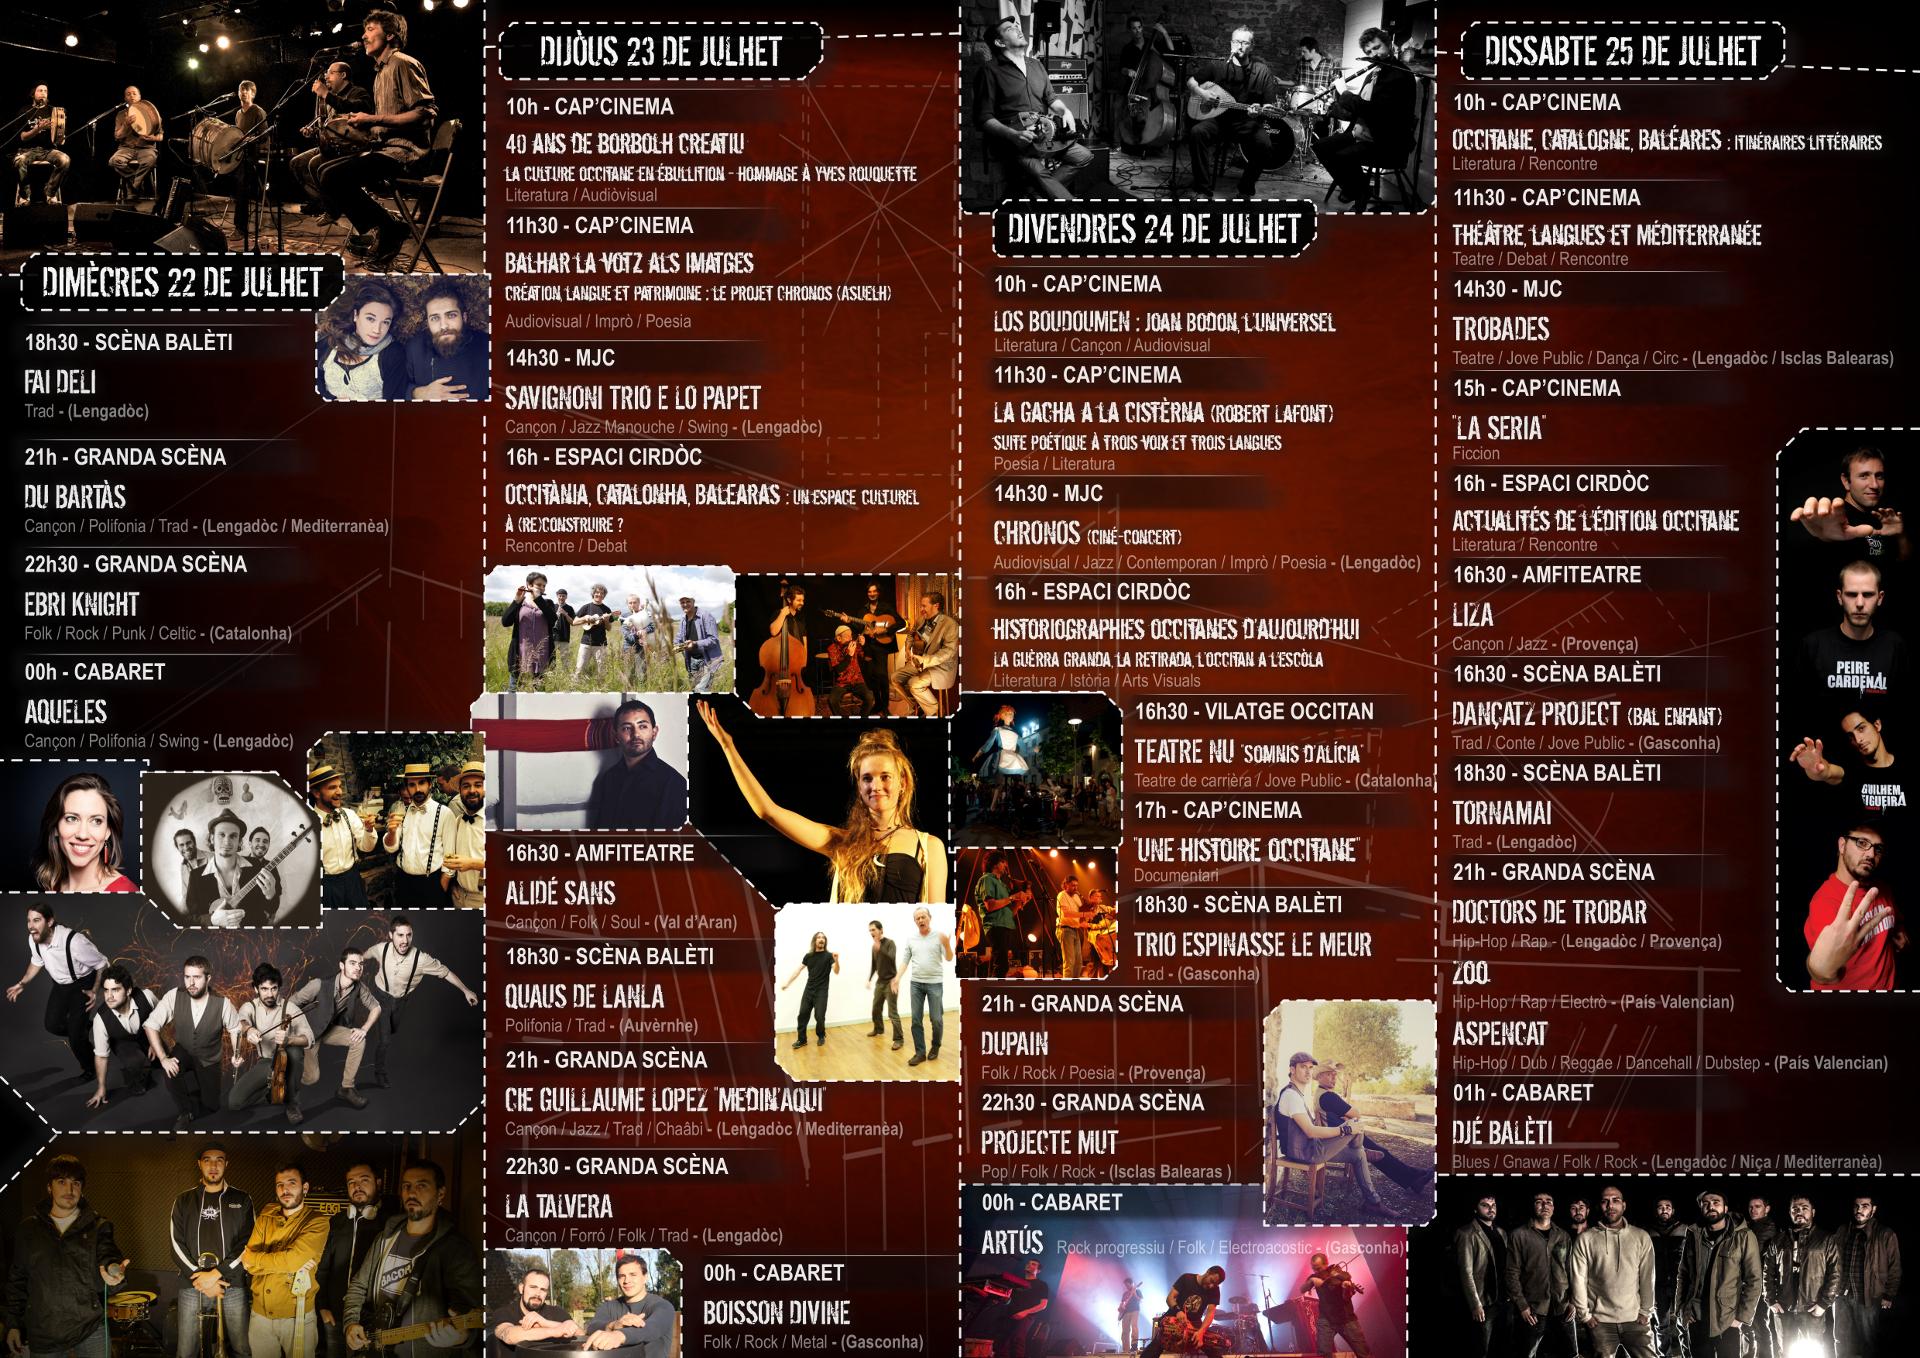 Programme Estivada 2015